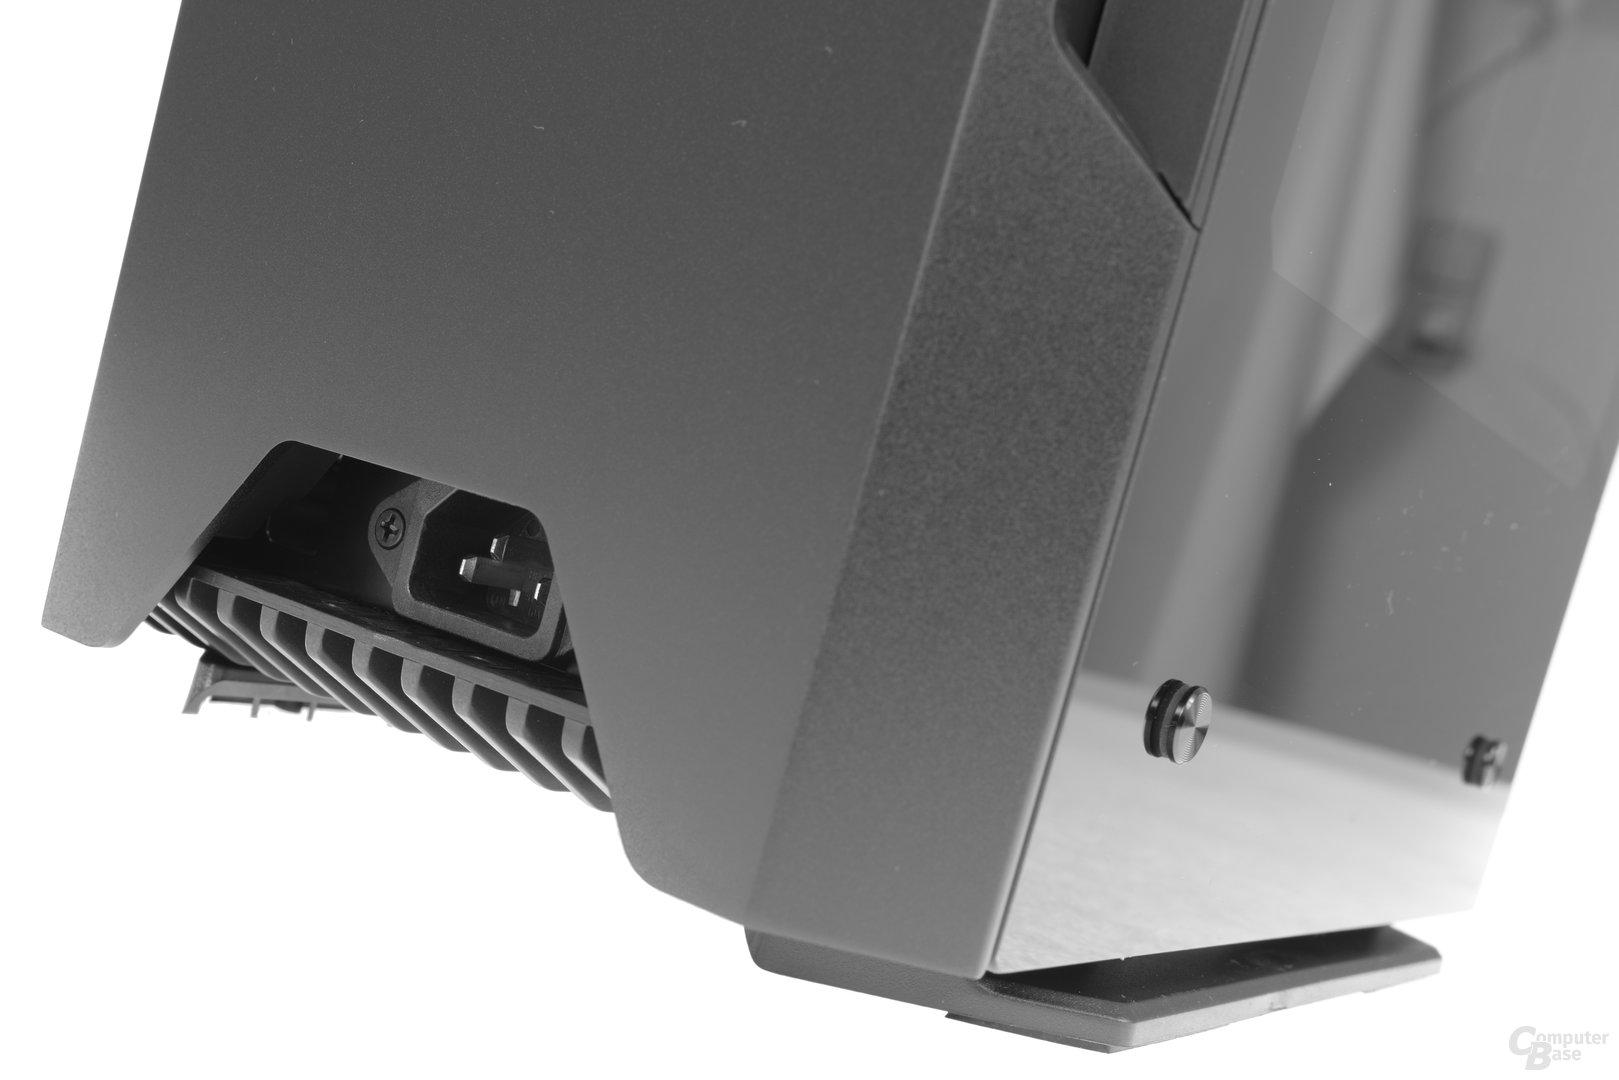 Phanteks Enthoo Evolv Shift – An der Rückseite befindet sich der Stromanschluss